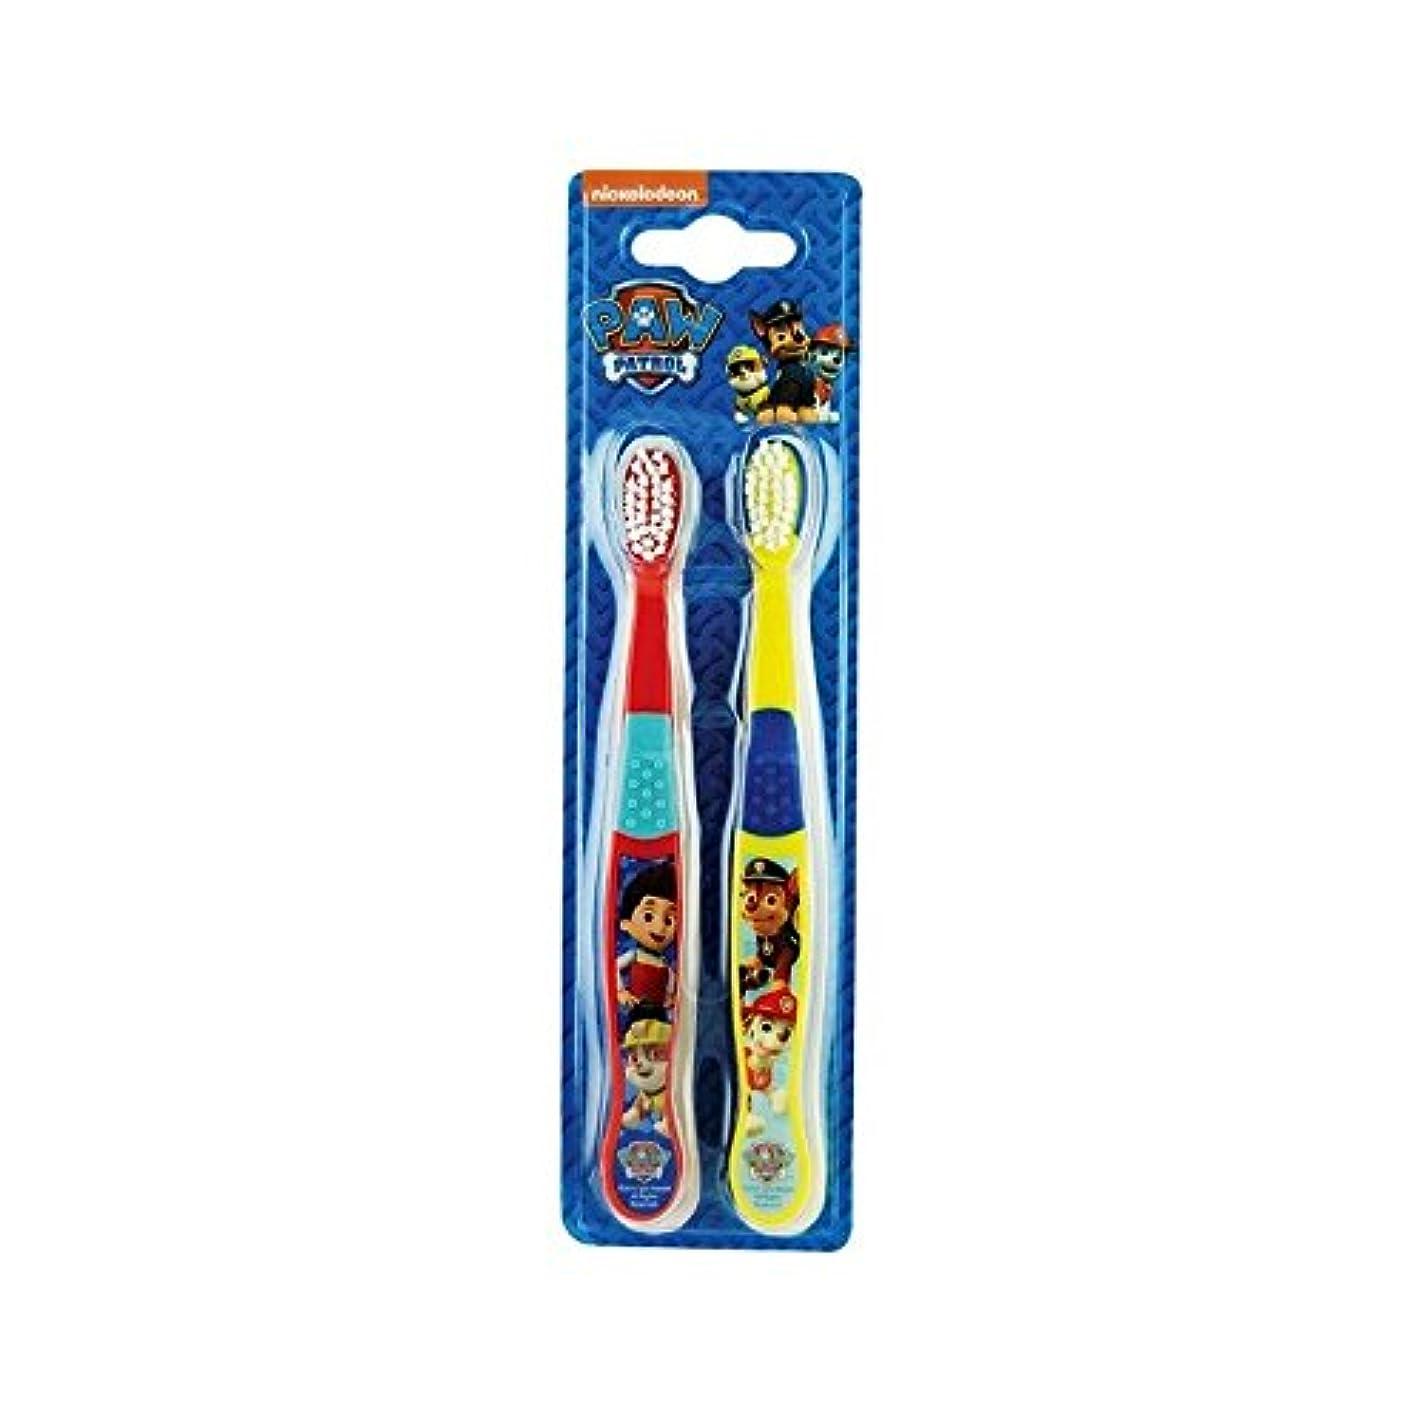 蒸発タービンブリーク1パックツイン歯ブラシ2 (Paw Patrol) (x 2) - Paw Patrol Twin Toothbrush 2 per pack (Pack of 2) [並行輸入品]